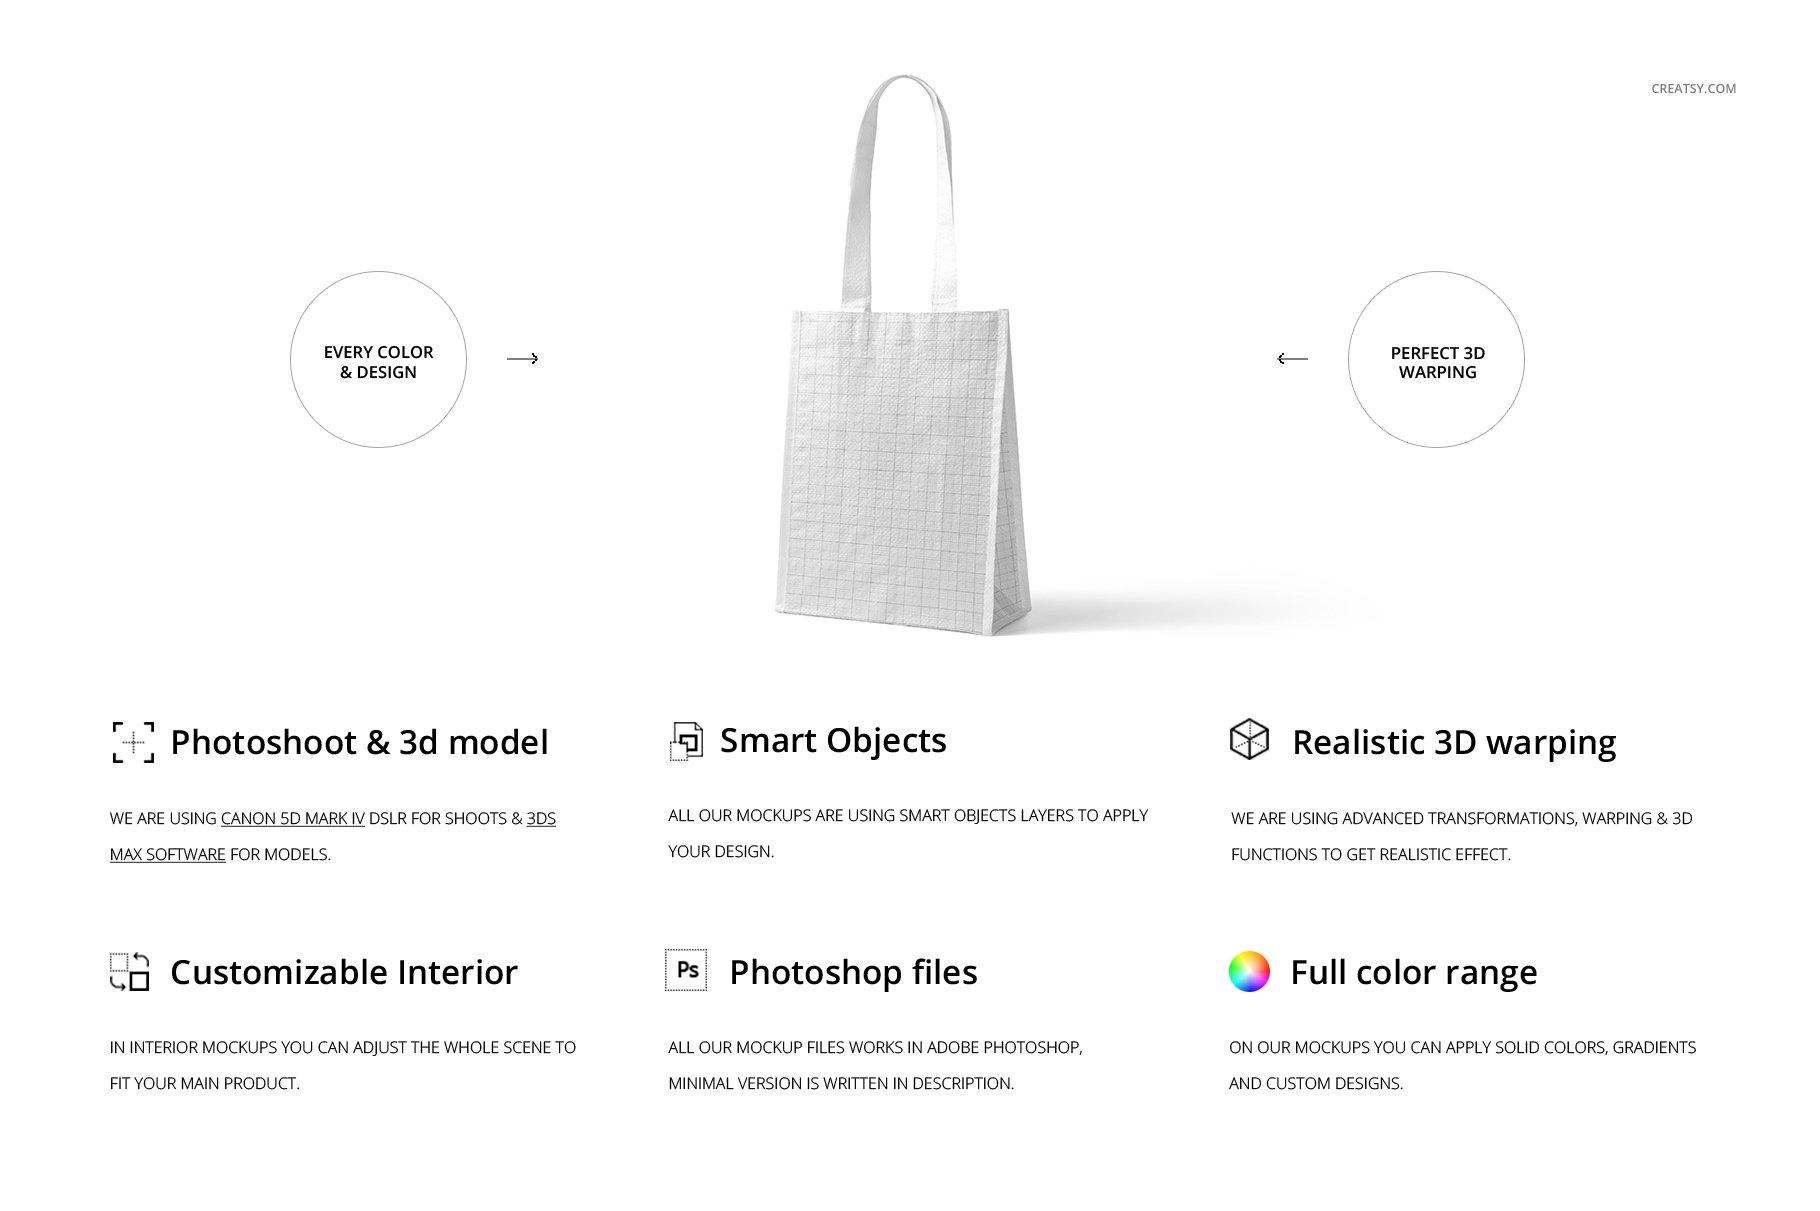 时尚编织手提购物袋设计展示贴图样机模板合集 Woven Tote Bag Mockup Set插图(1)